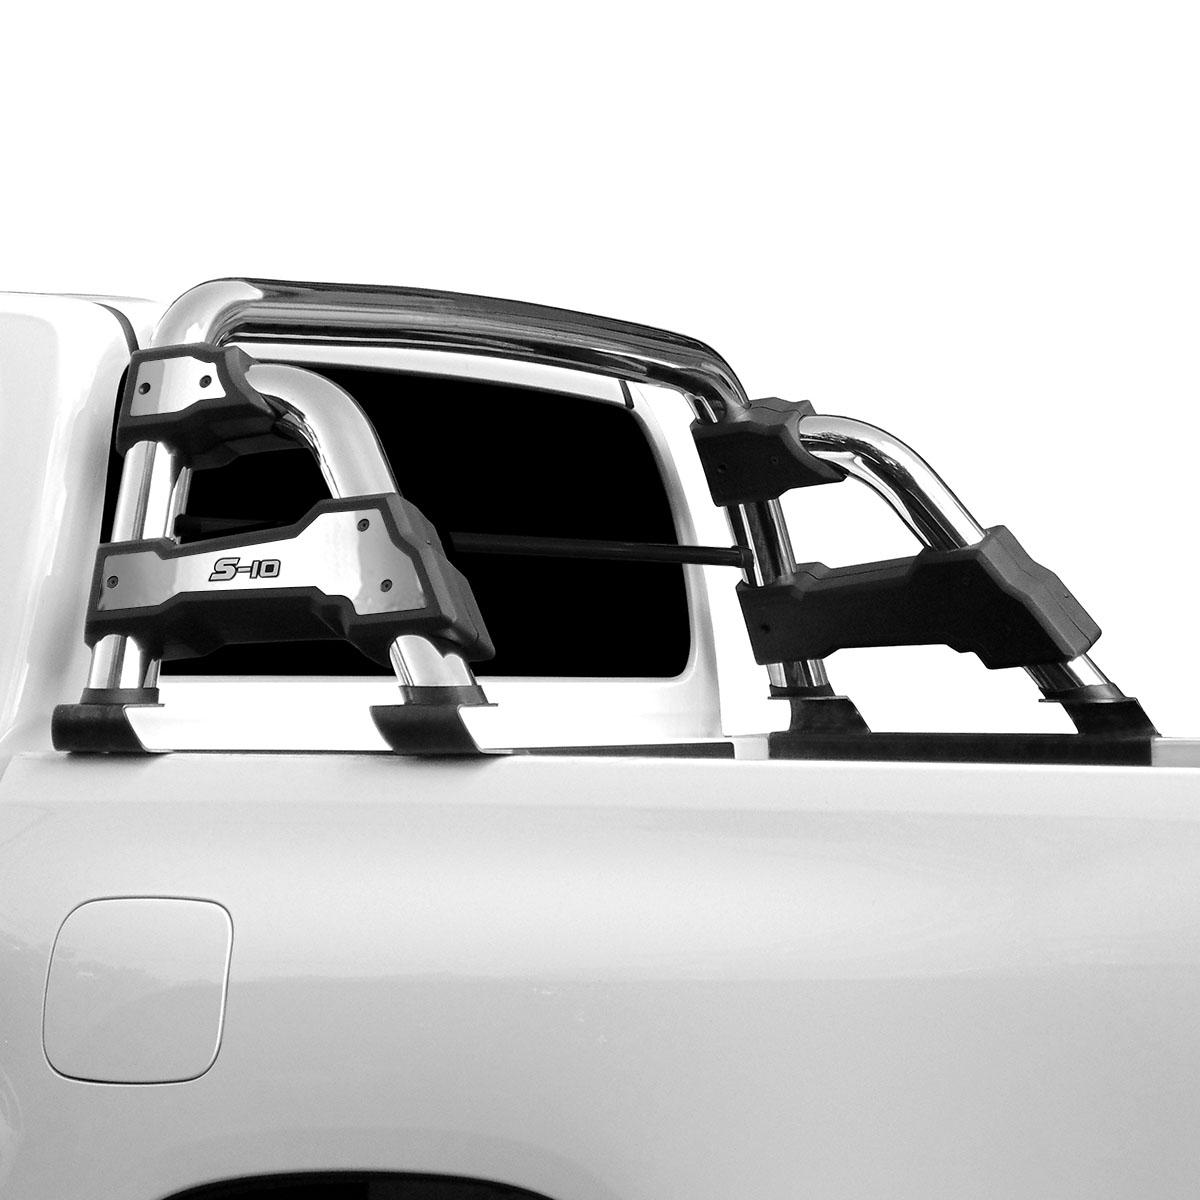 Santo antonio STR cromado Nova S10 cabine dupla 2012 a 2017 com barra